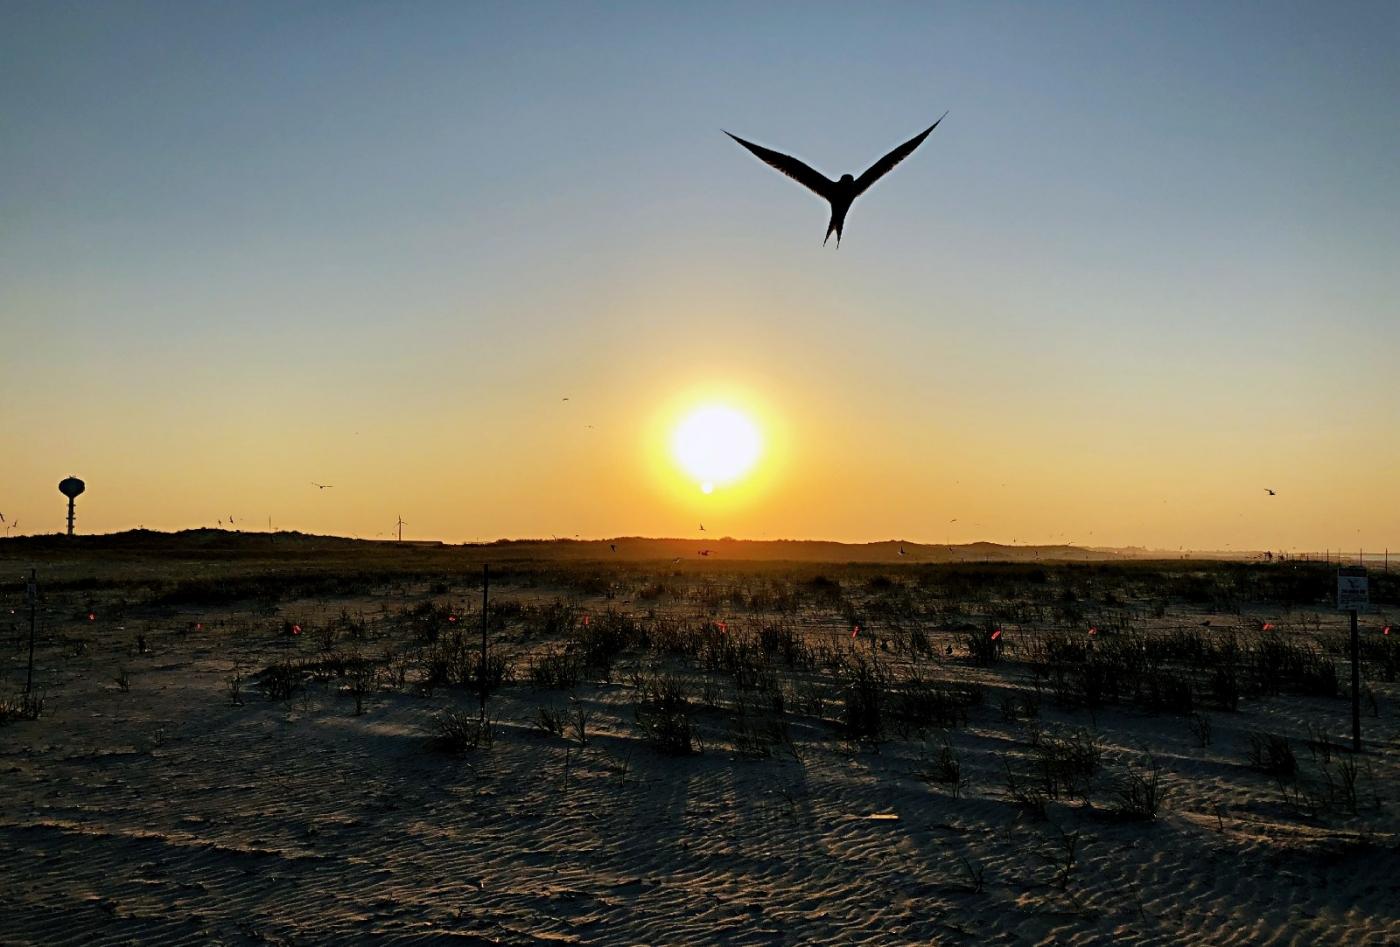 【田螺摄影】nickerson beach拍燕鸥求爱[二]_图1-24